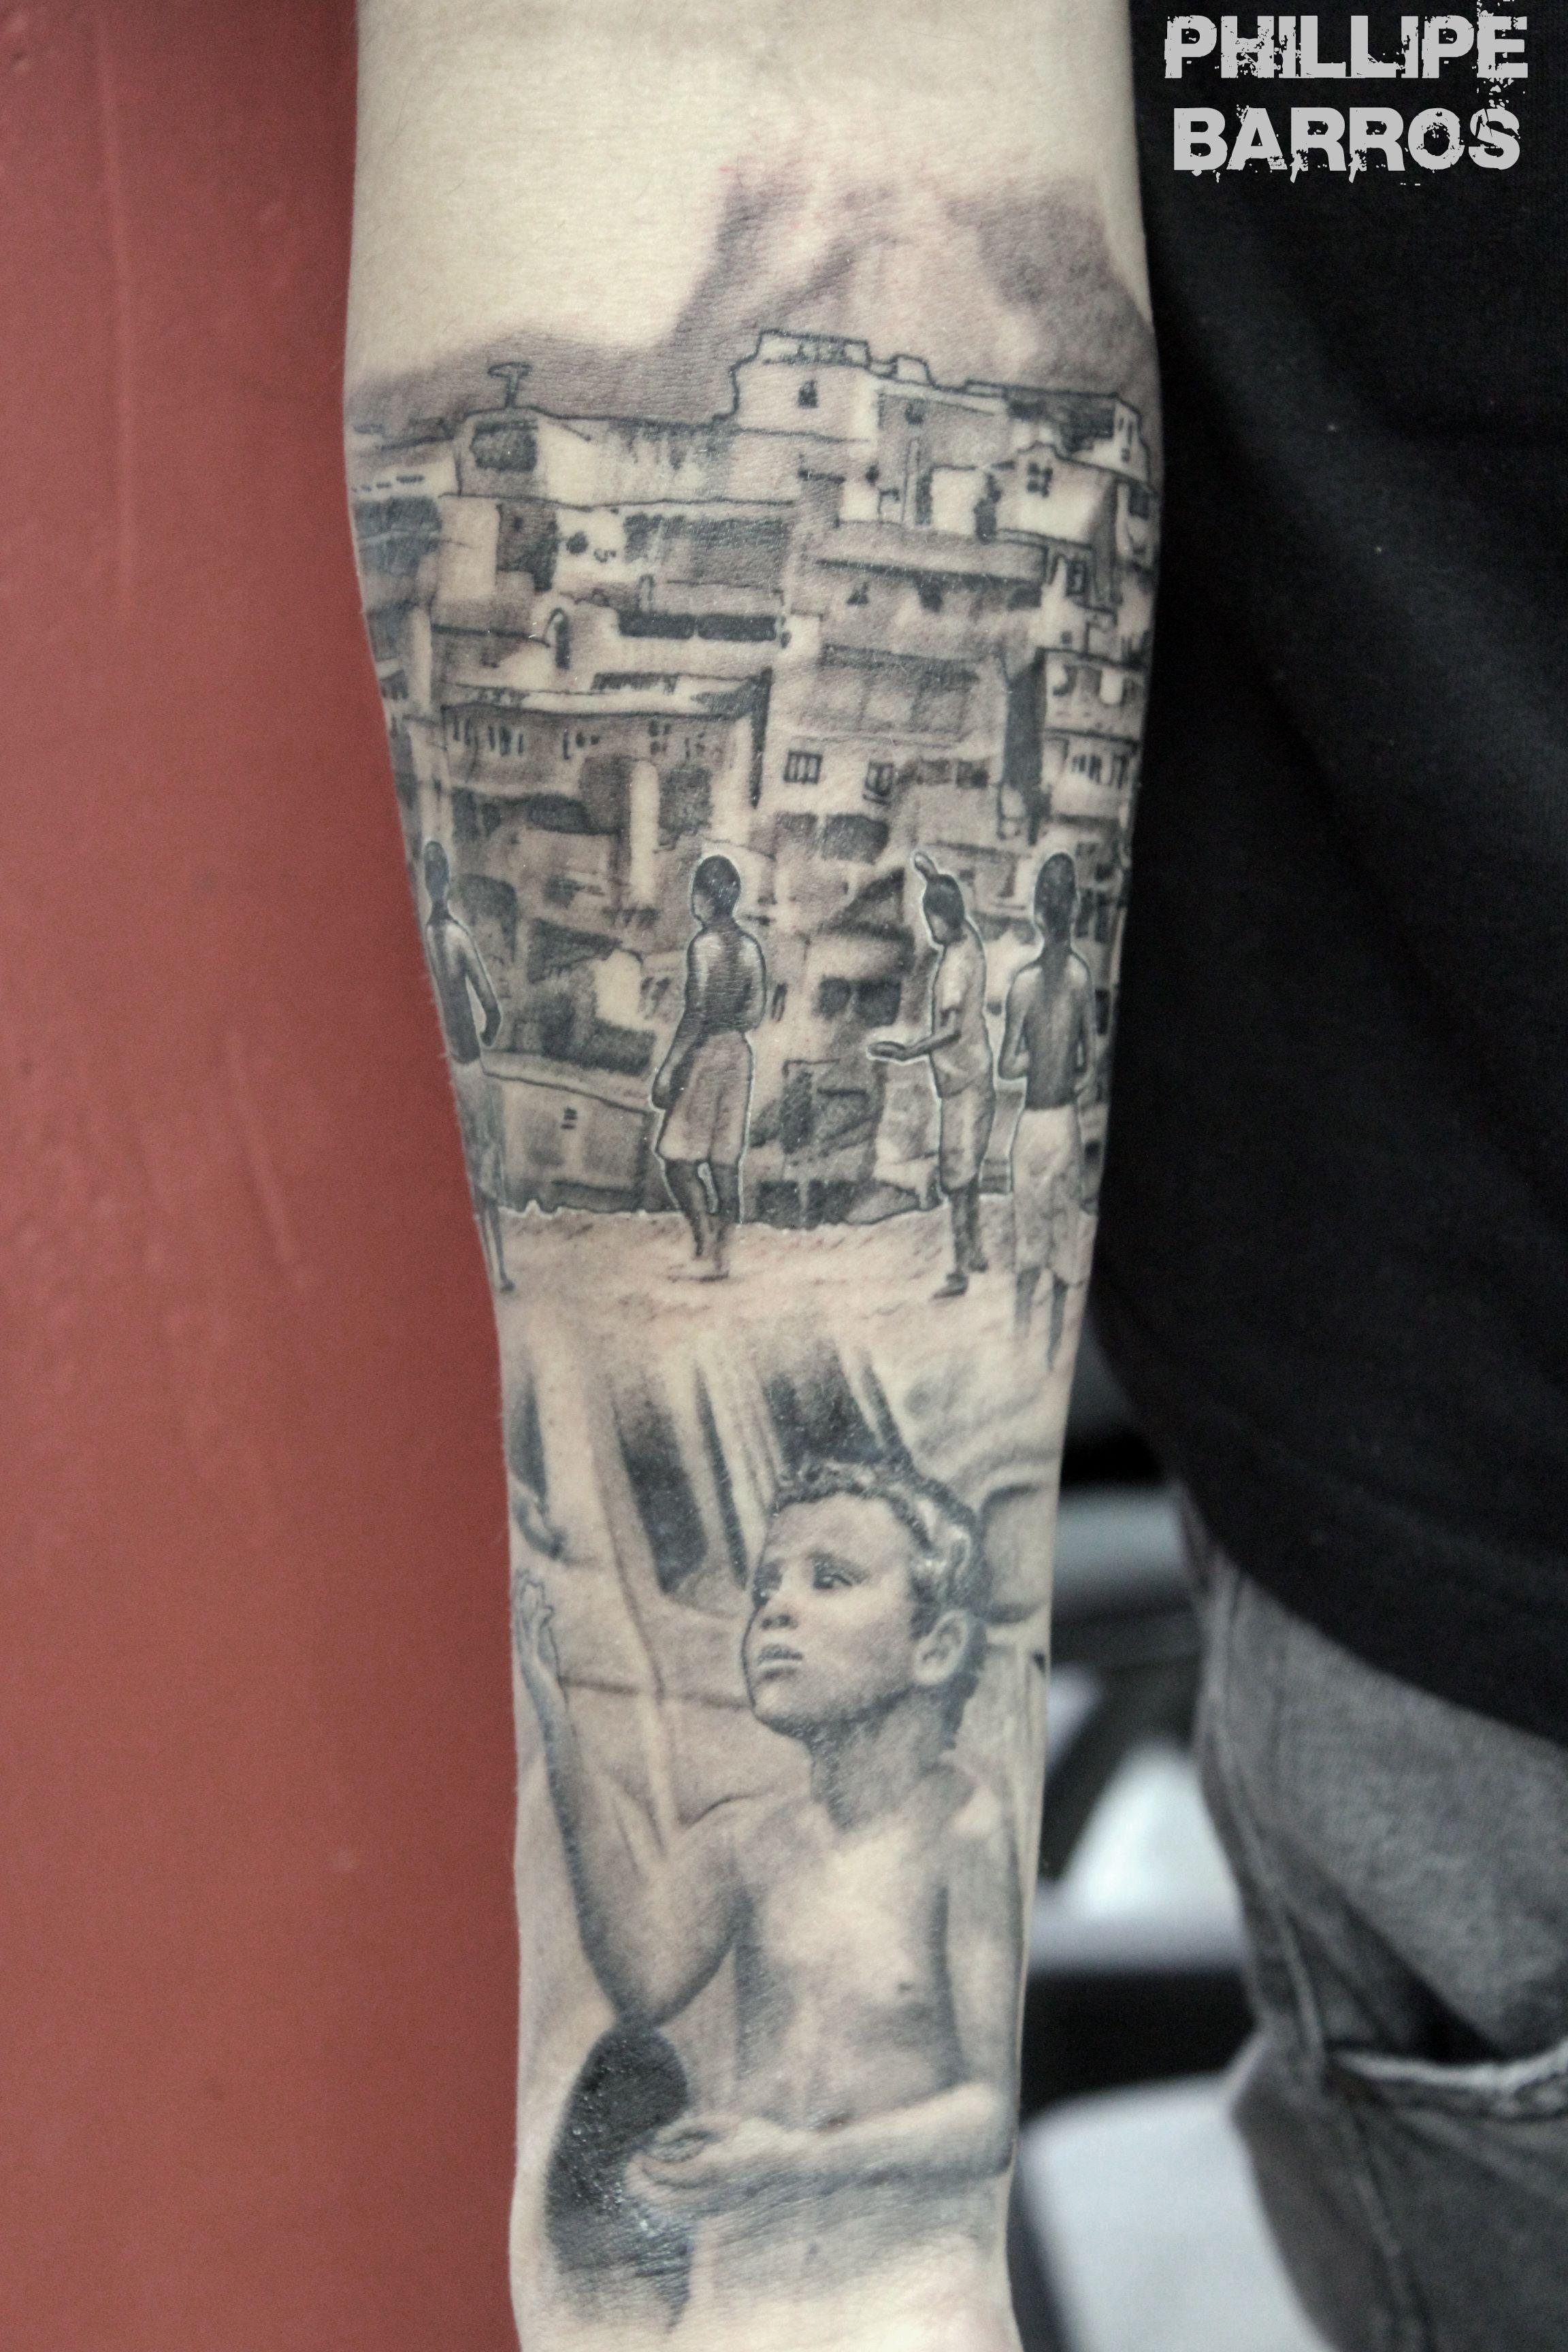 Favela Rio De Janeiro Por Phillipe Barros Preto E Cinza